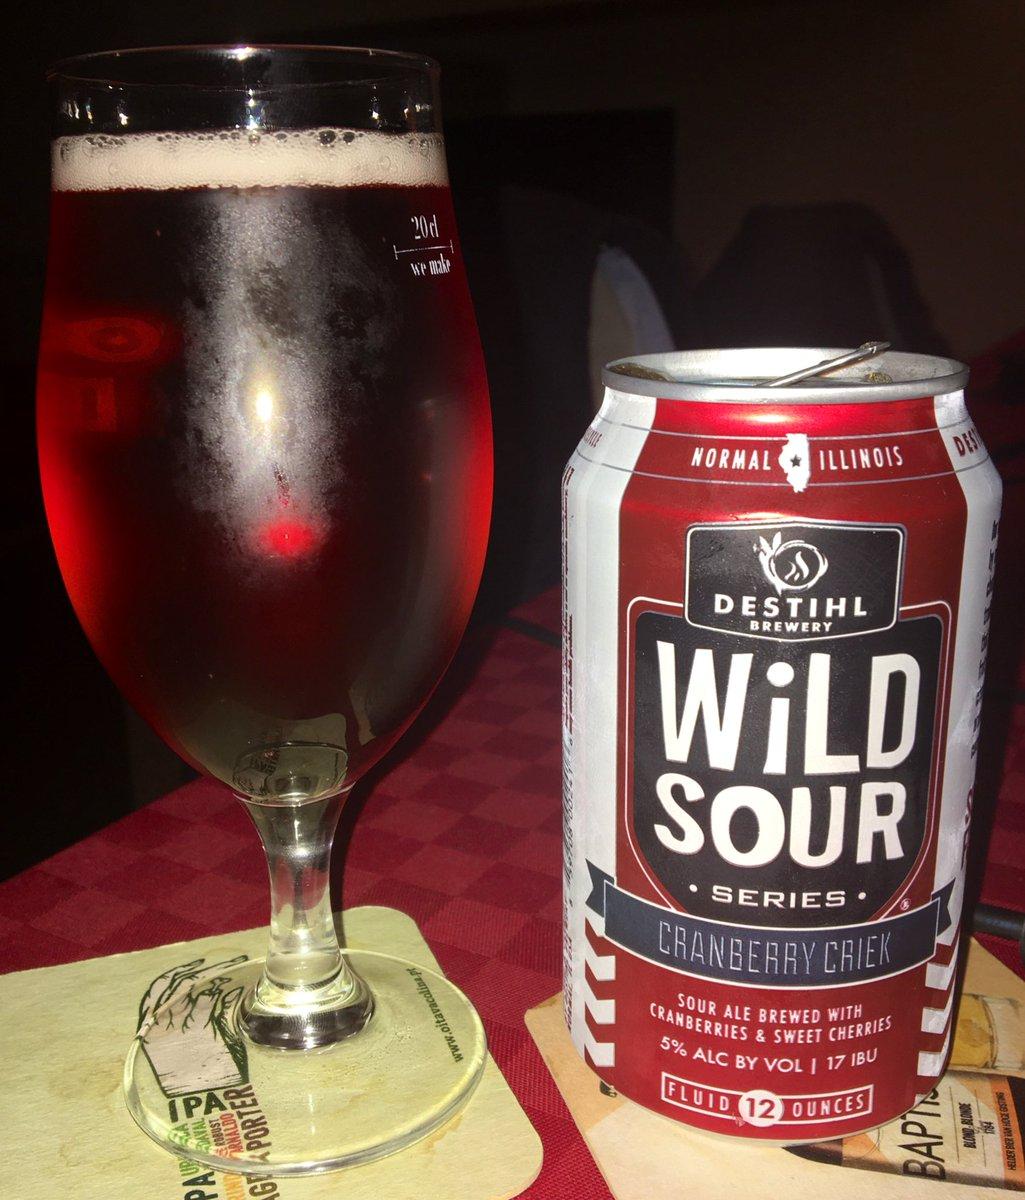 Wild Sour Series: Cranberry Criek DESTIHL Brewery (Estados Unidos ) @DESTIHLbrewery  Sour Fruited; 5% ABV; 17 IBU #CraftBeer #cervejaartesanal pic.twitter.com/qm1OPYo4NS